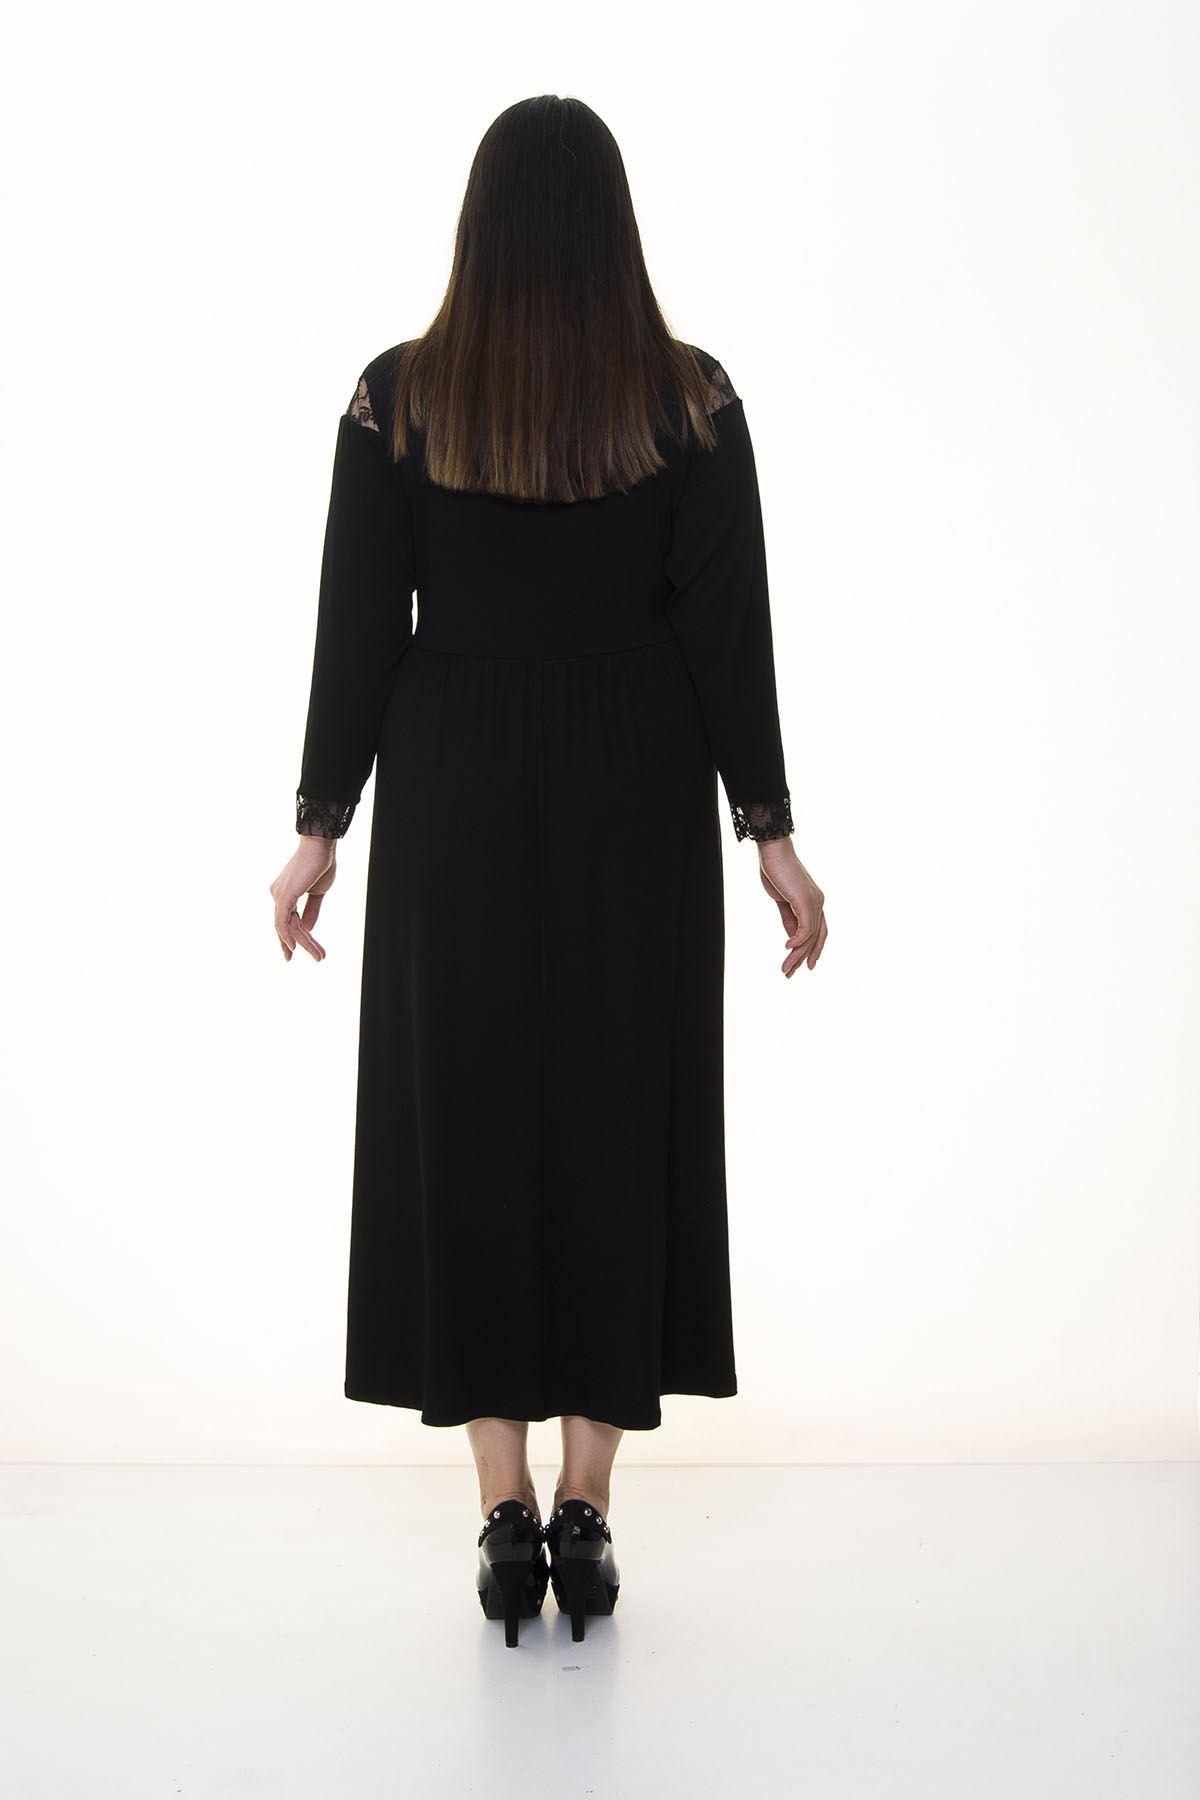 Dantel Detaylı Uzun Büyük Beden Elbise 16A-1382